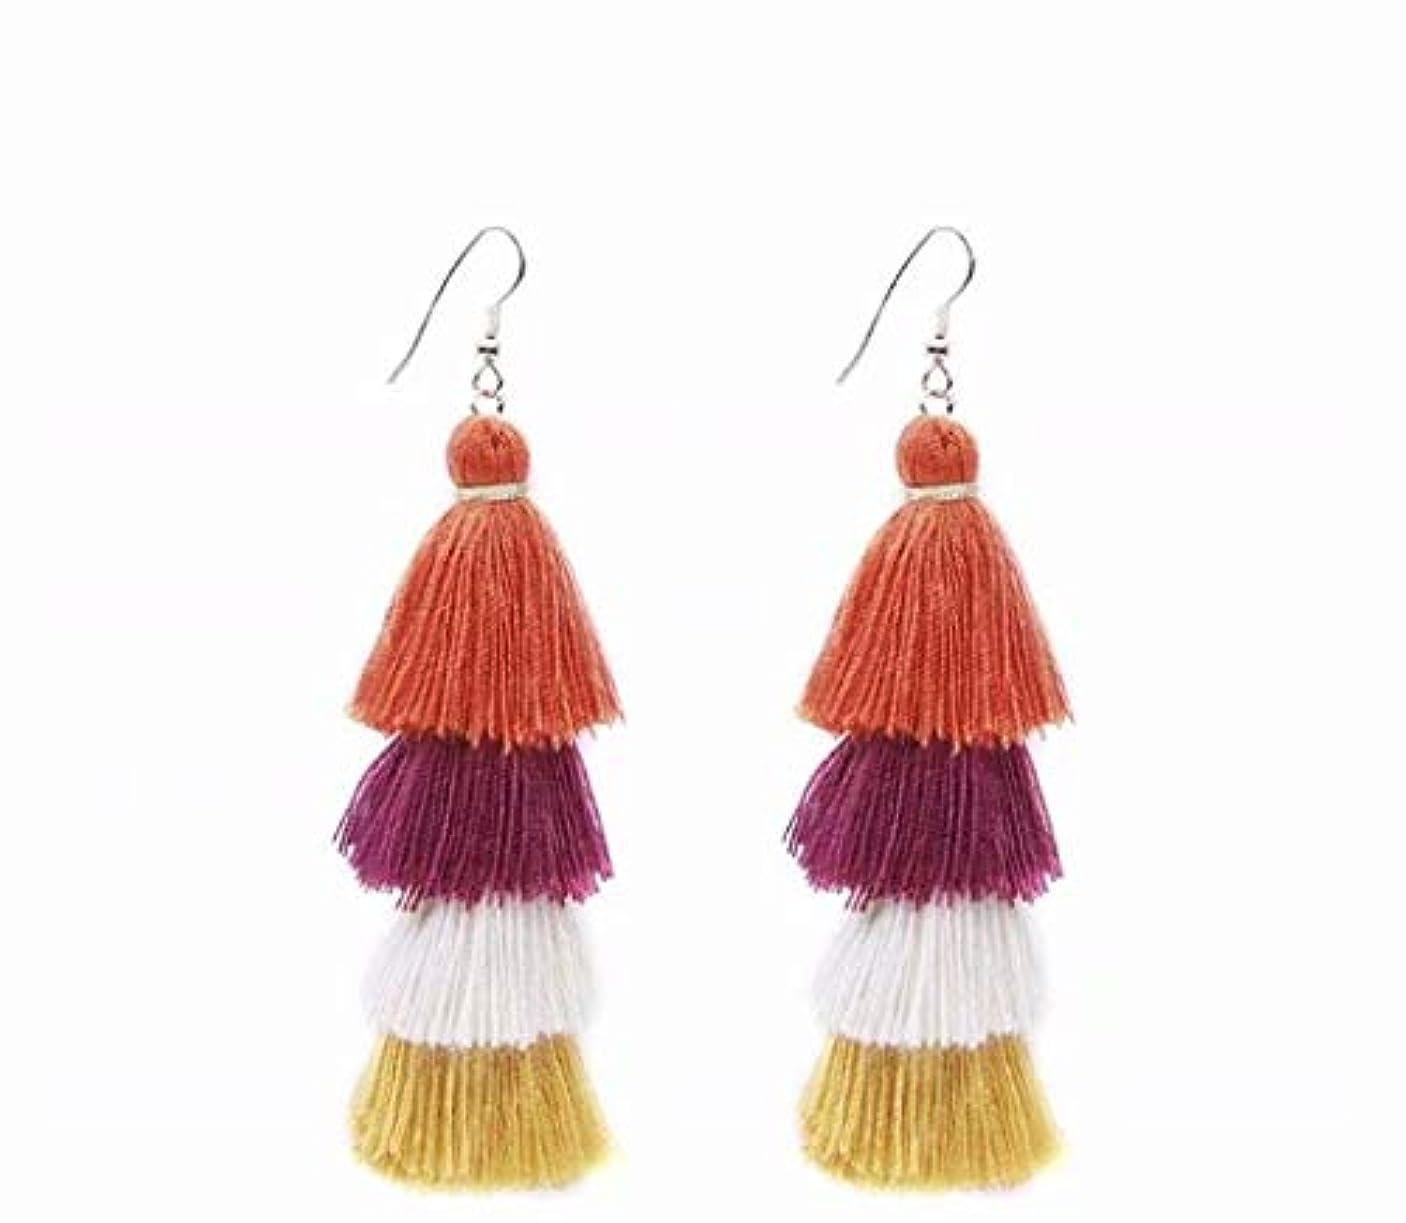 バーマドジョージスティーブンソン交渉する七里の香 Fan Tassel Earrings Hoop Drop Dangle Earrings Fish Hook Earring for Daily Wear, Wedding, Party